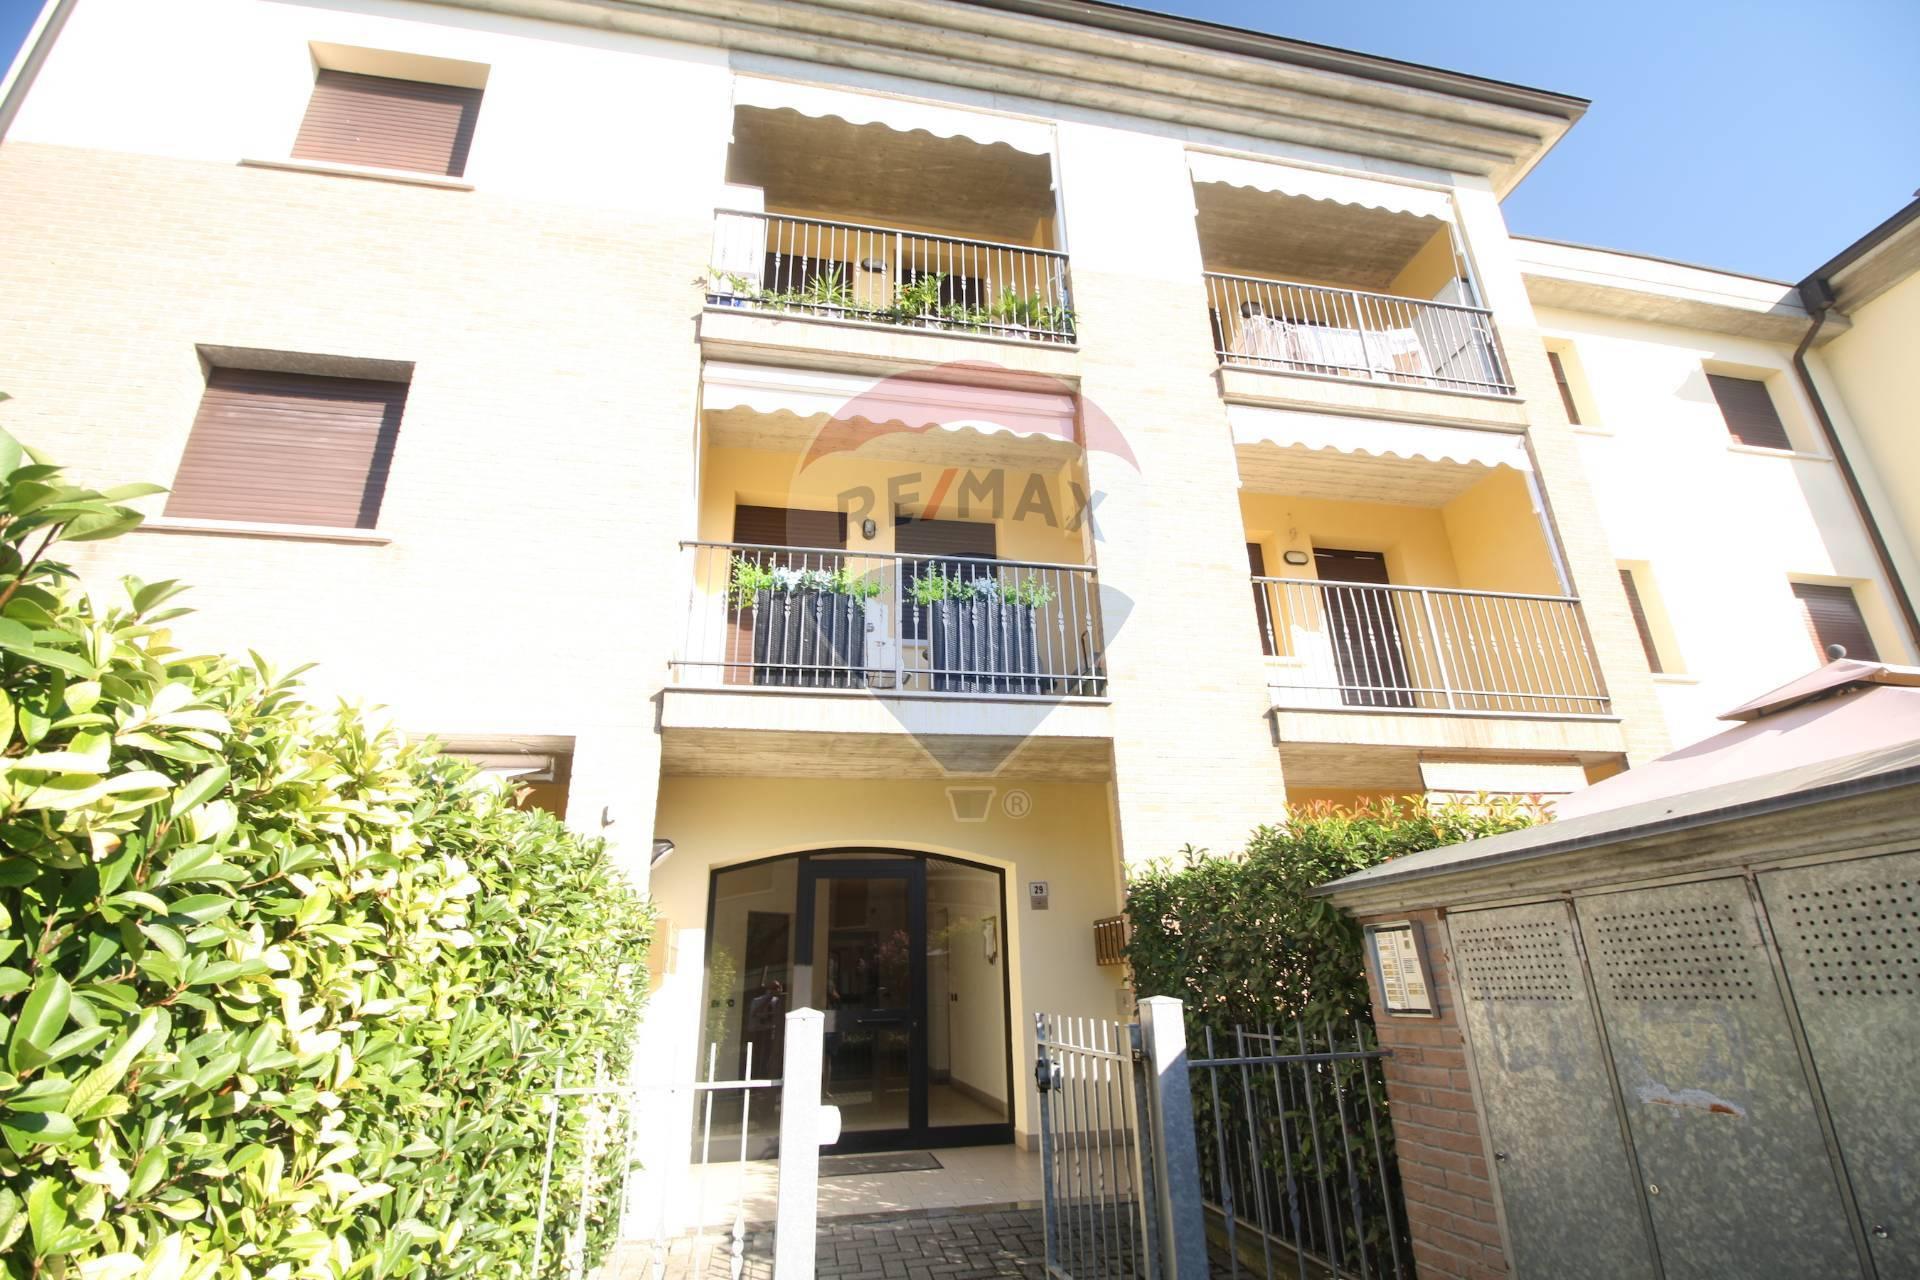 Appartamento in vendita a Sant'Ilario d'Enza, 3 locali, zona Zona: Calerno, prezzo € 150.000 | CambioCasa.it